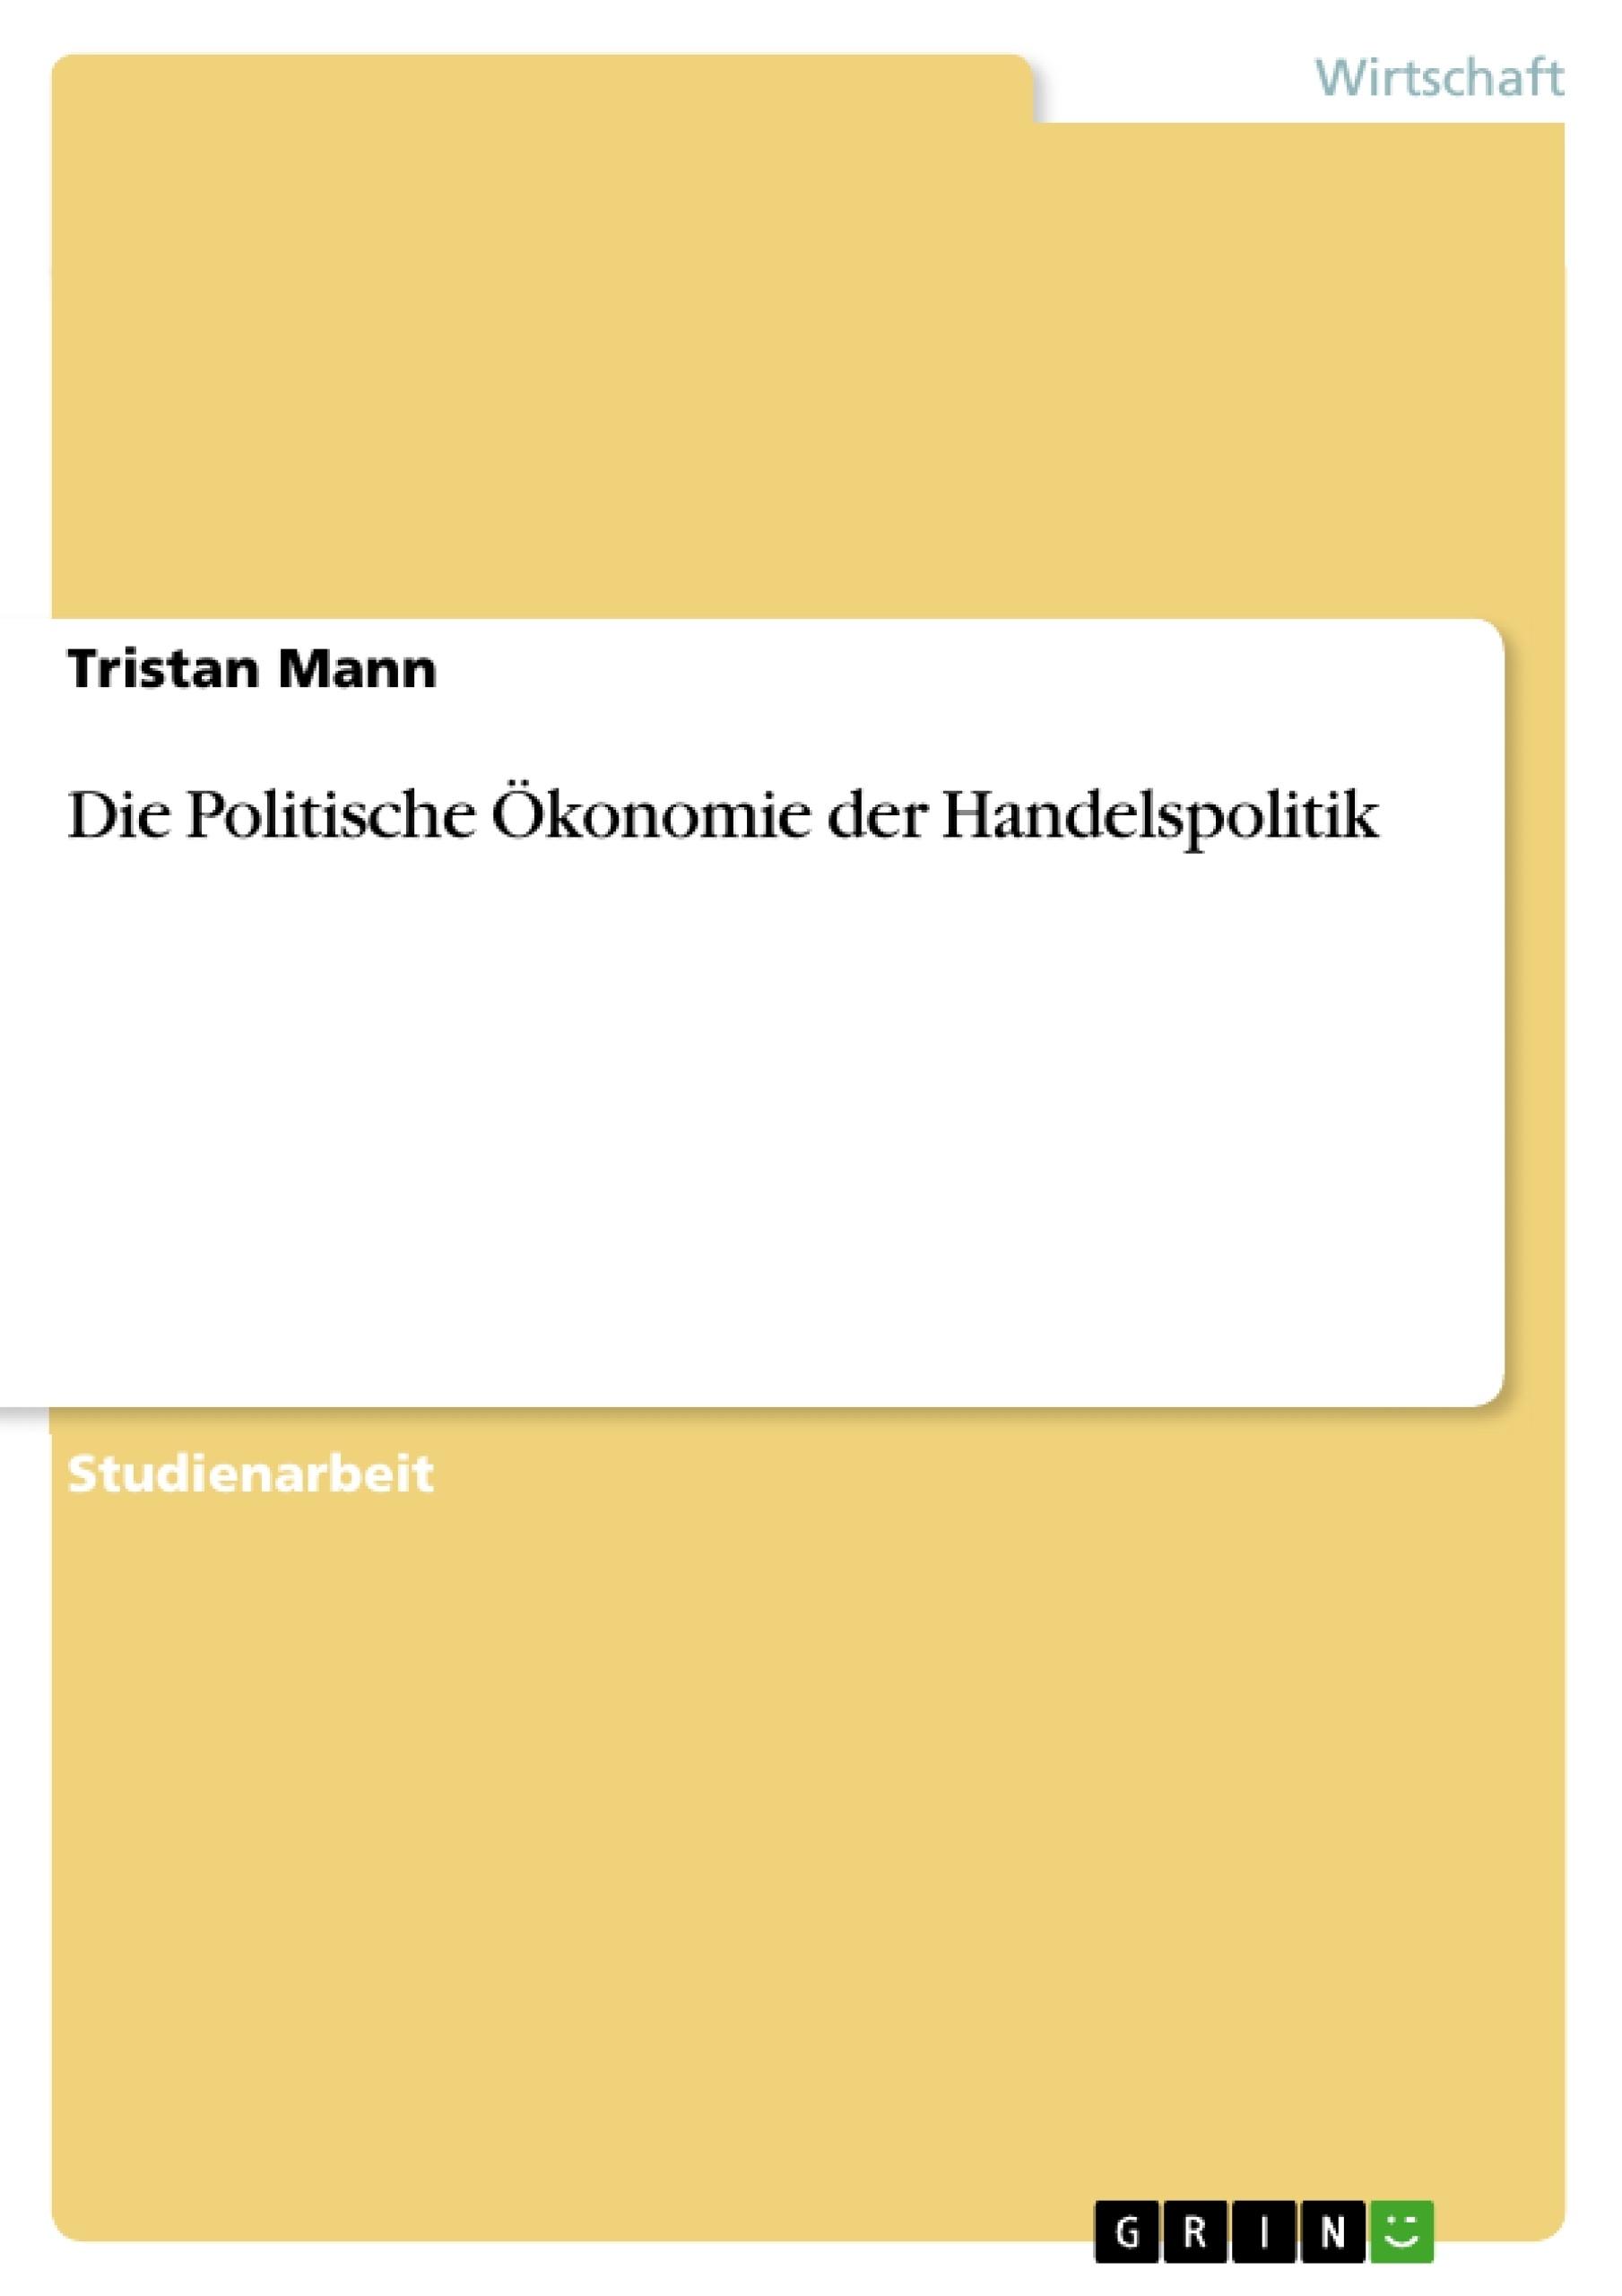 Titel: Die Politische Ökonomie der Handelspolitik